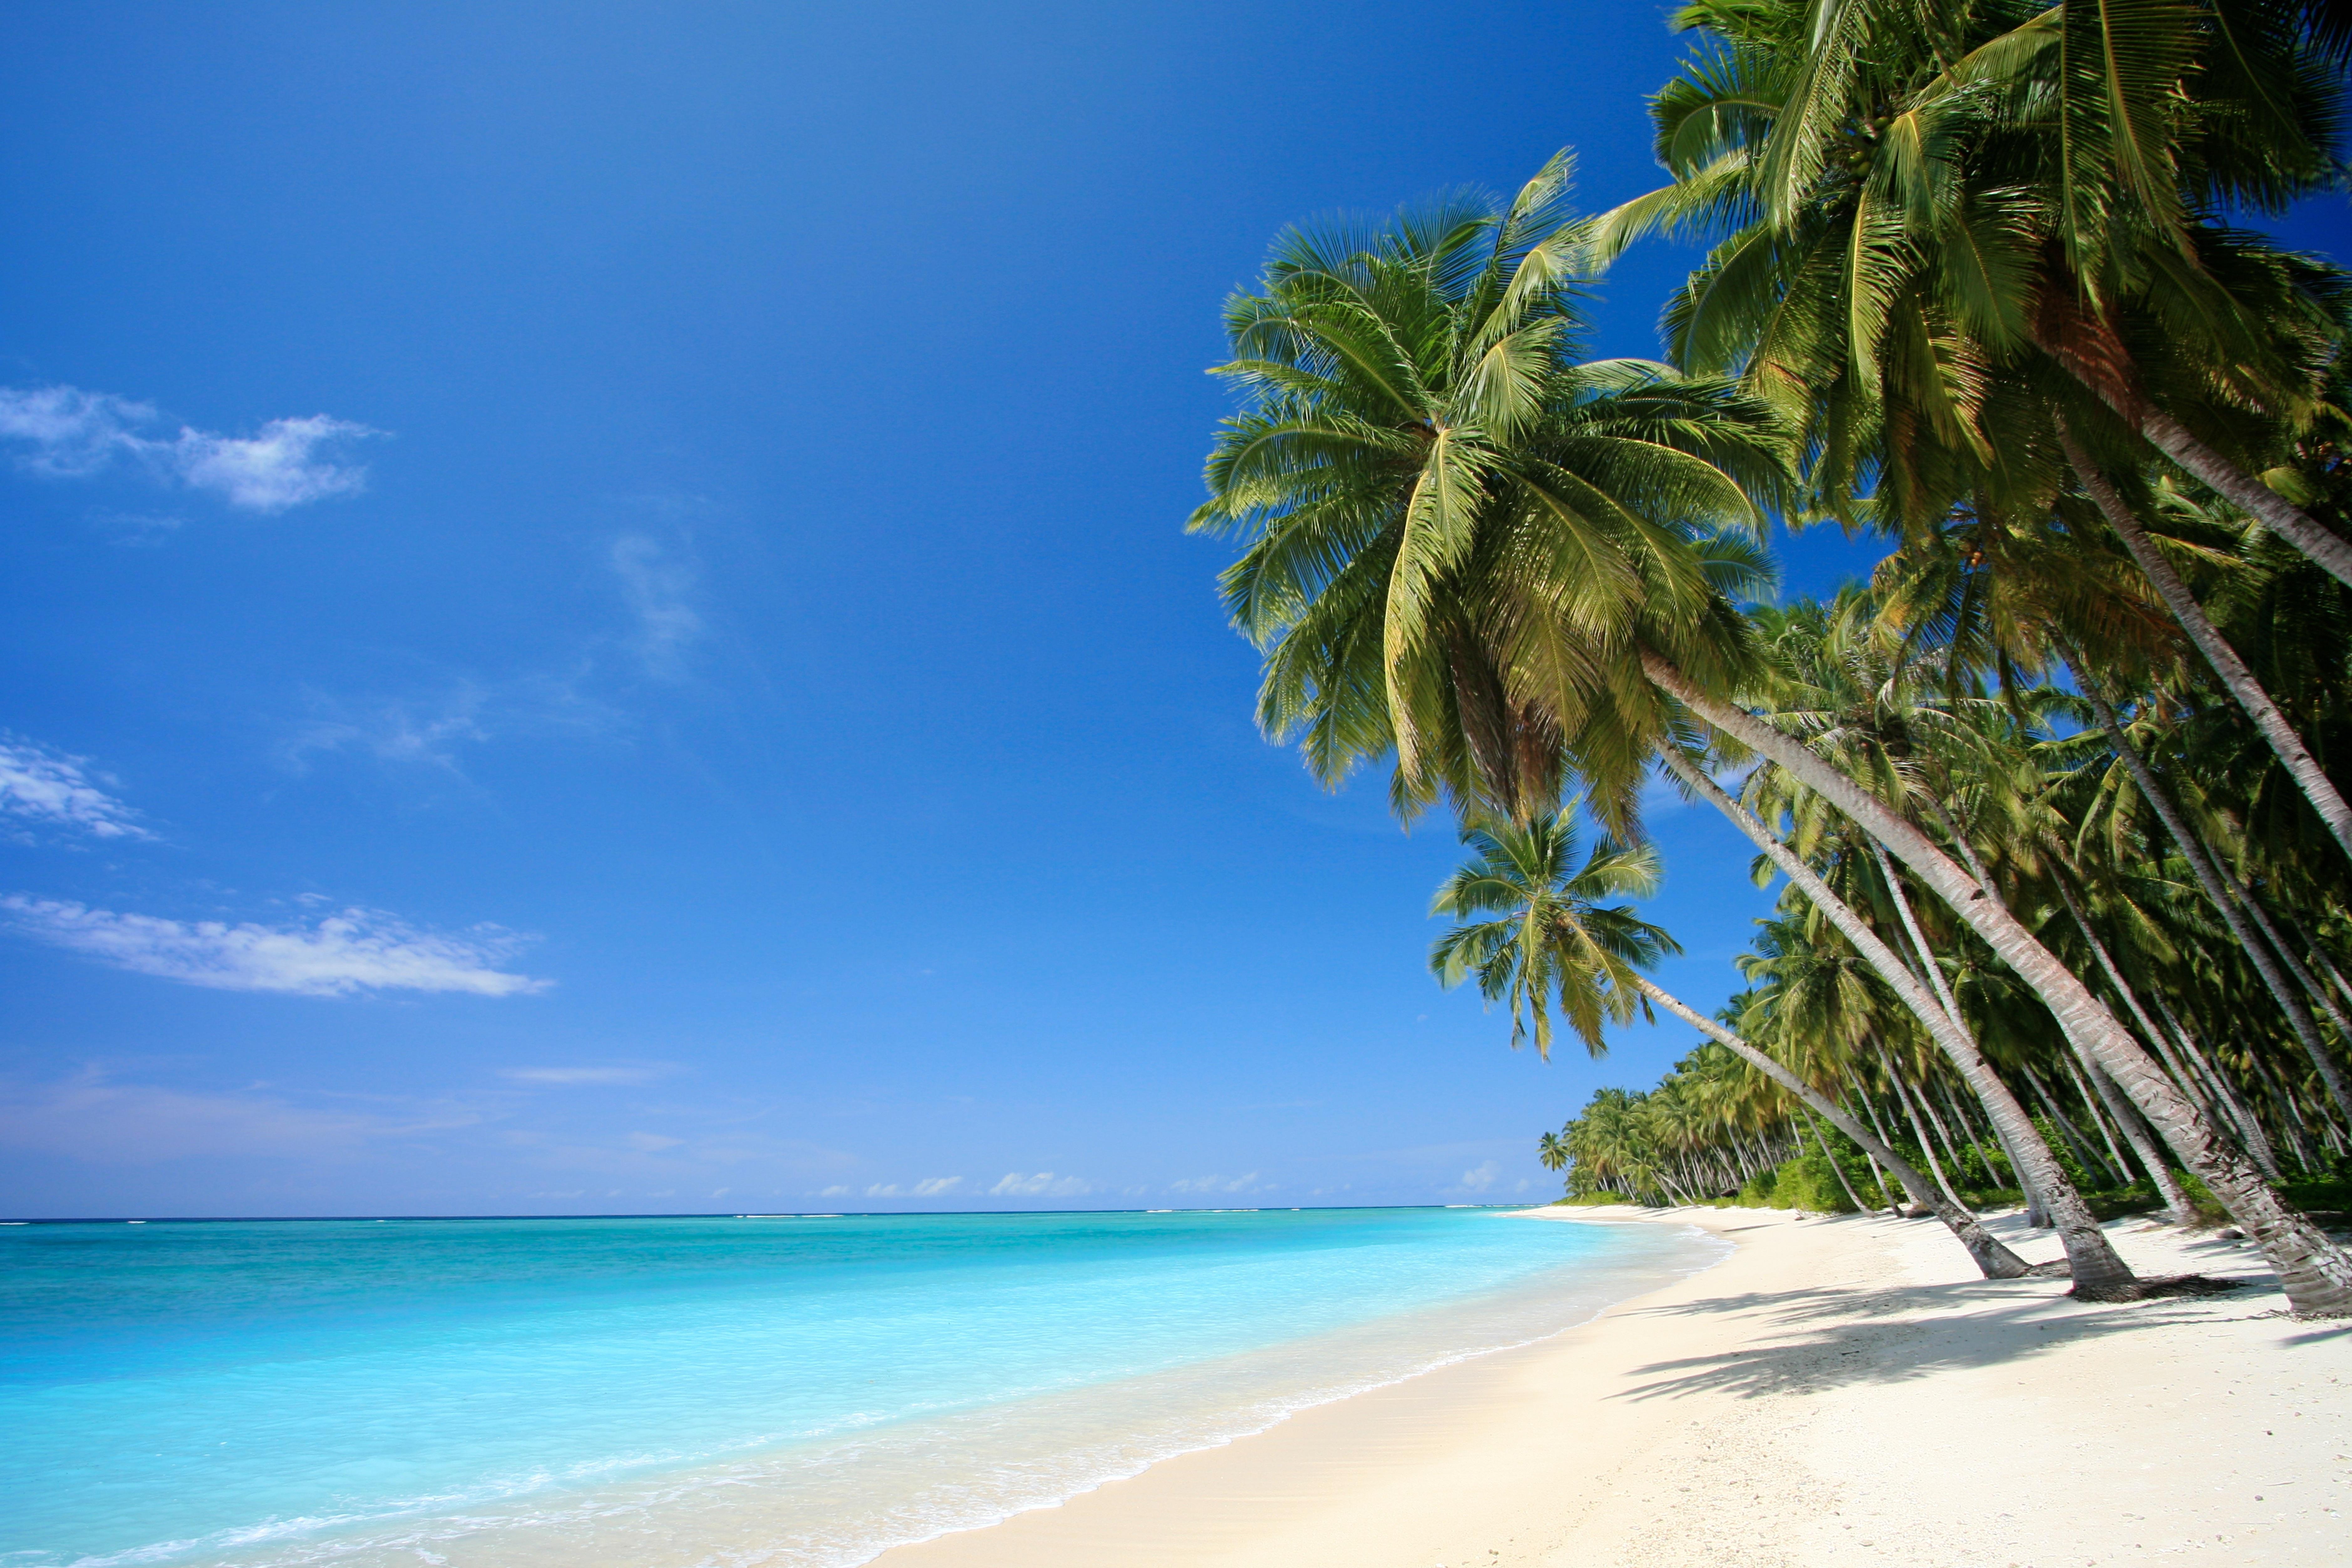 wallpaper Tropical Beach Screensaver hd wallpaper background desktop 7512x5008